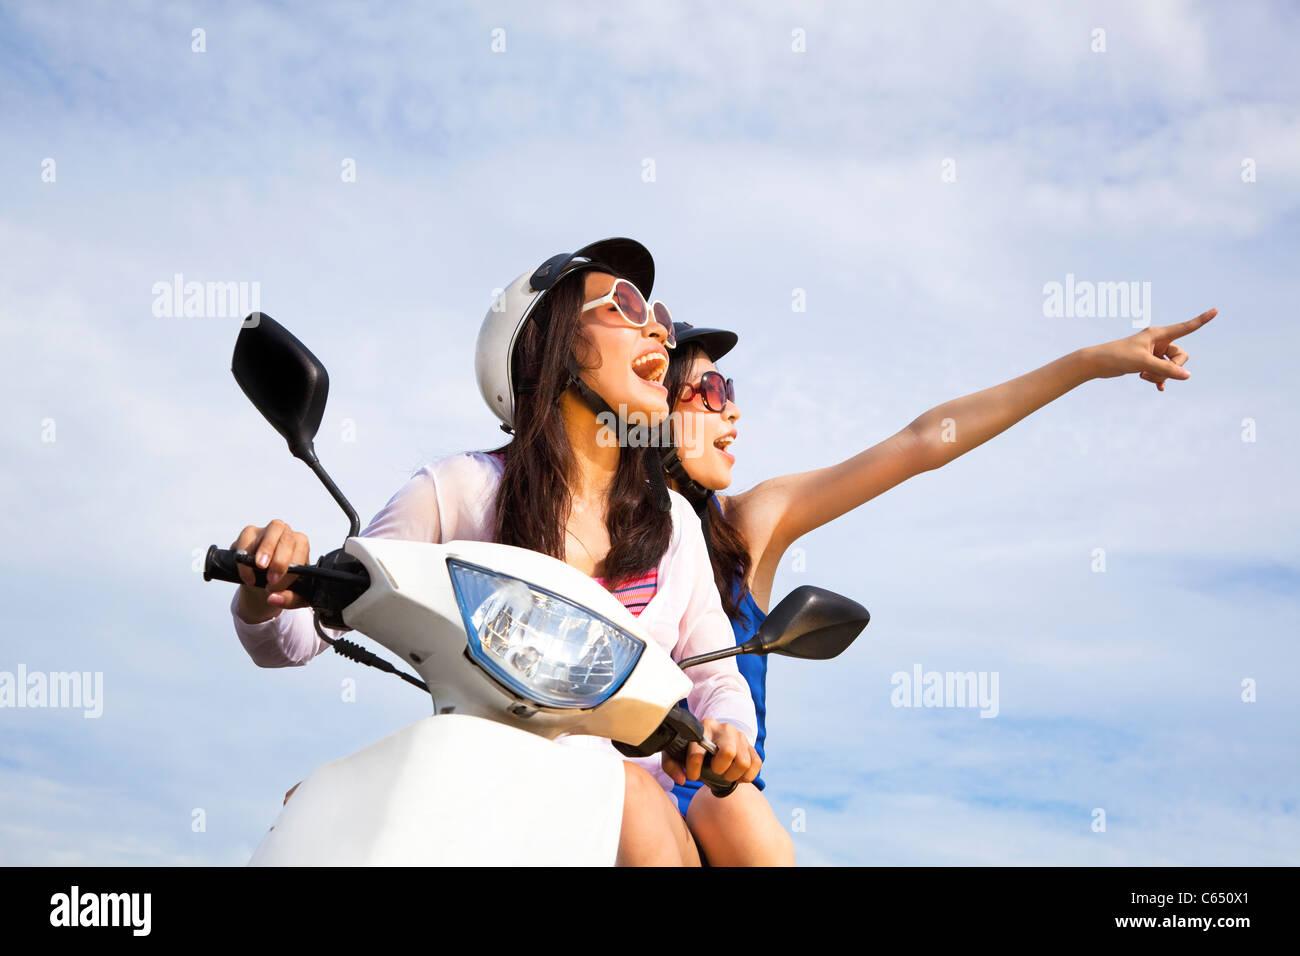 Felice ragazze scooter equitazione godetevi la vacanza estiva Immagini Stock